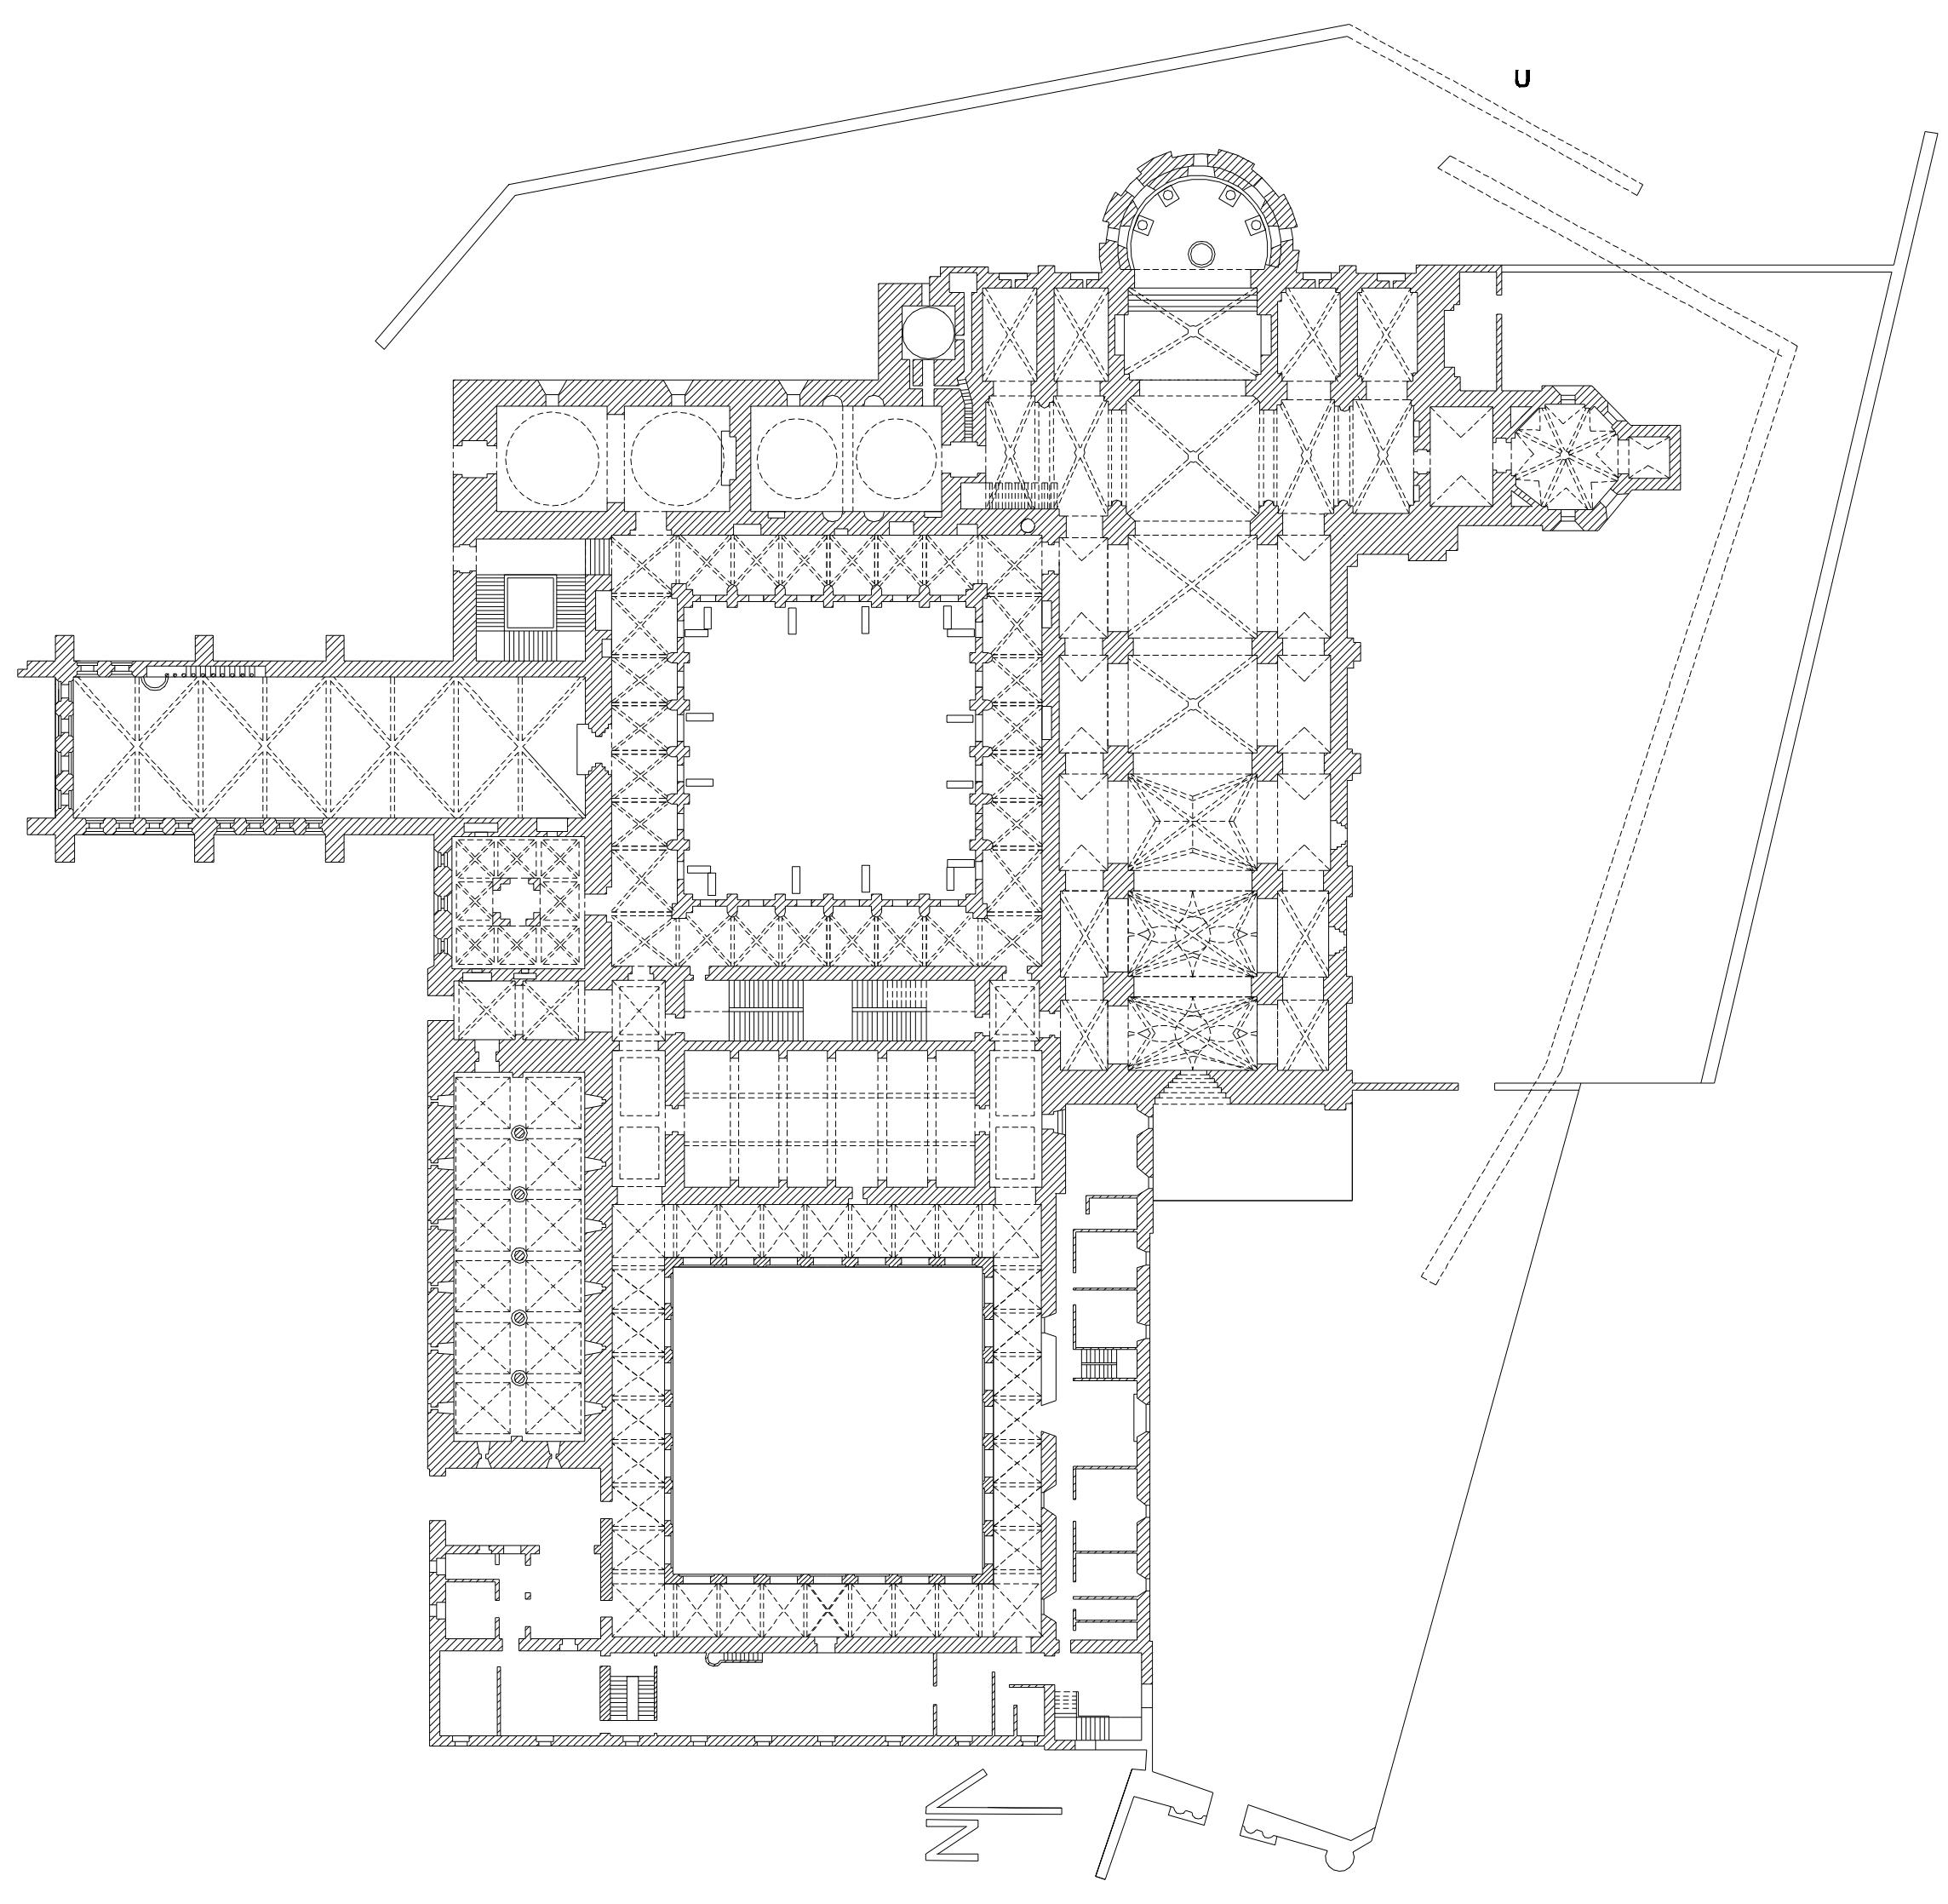 Restauración del Monasterio de Santa María de Huerta. Ministerio de cultura | Imagen de proyecto9